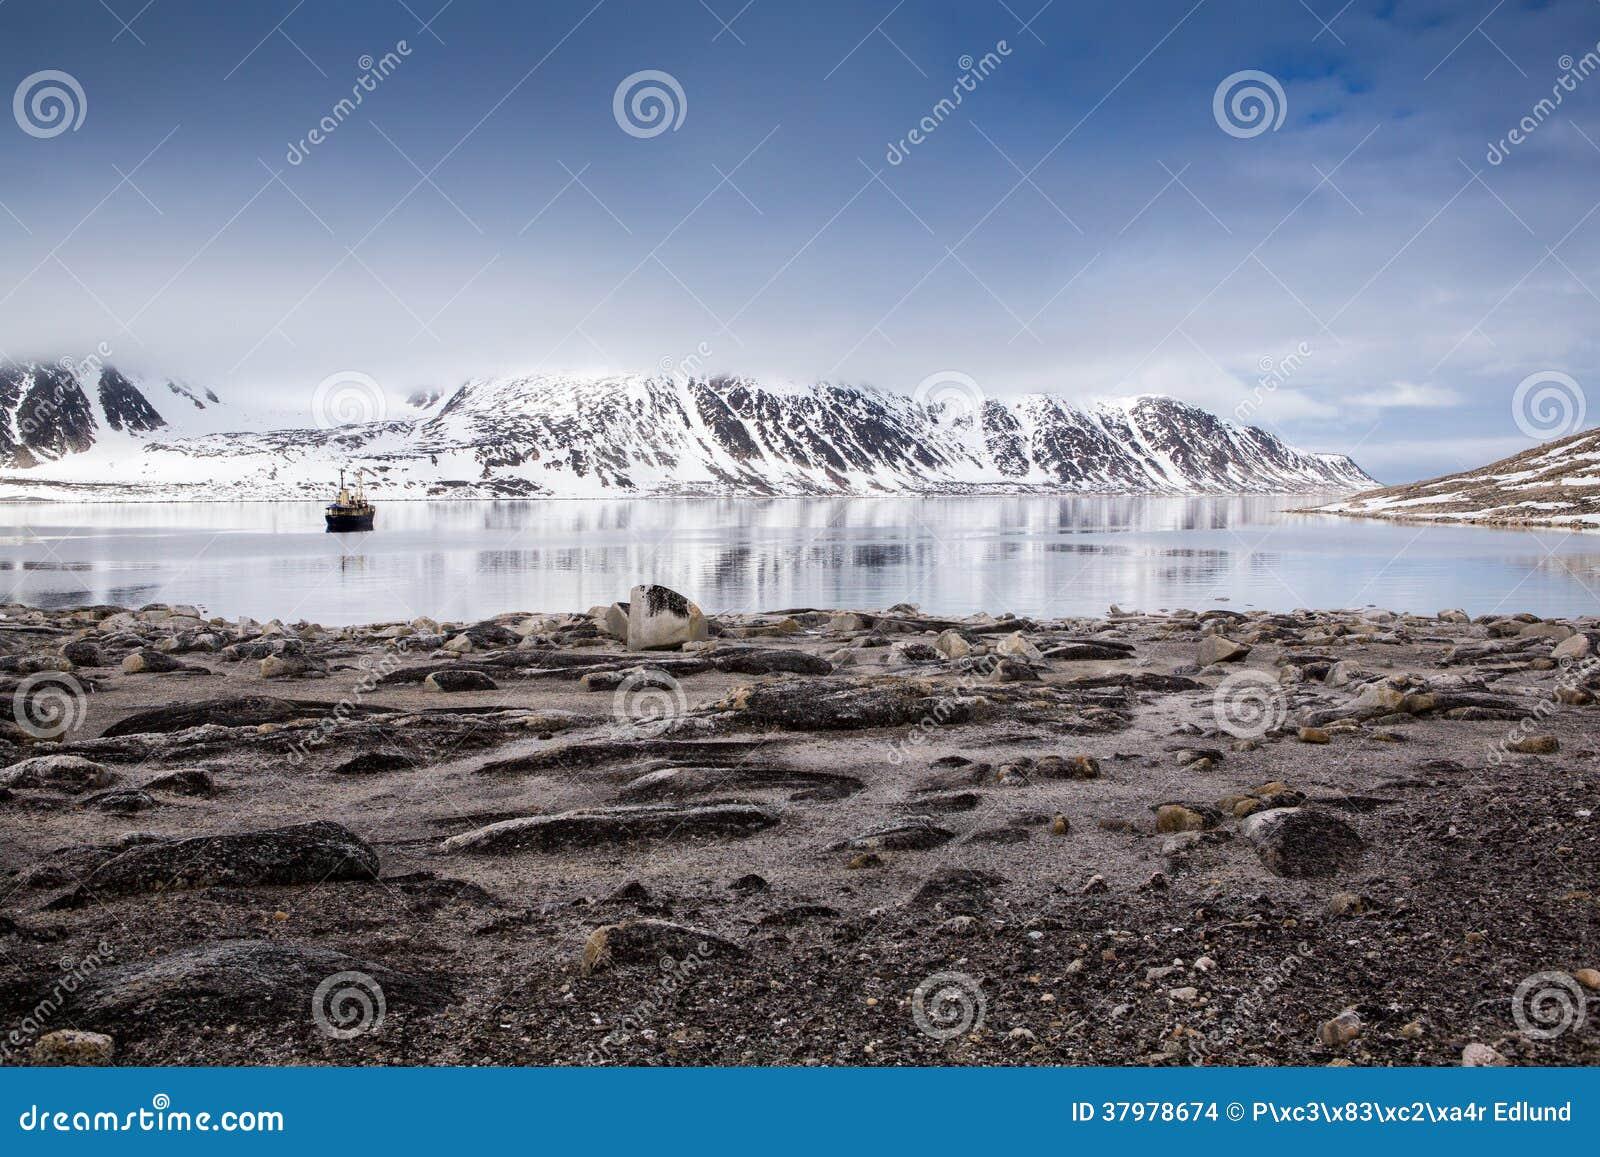 Tourist boat in Spitsbergen.